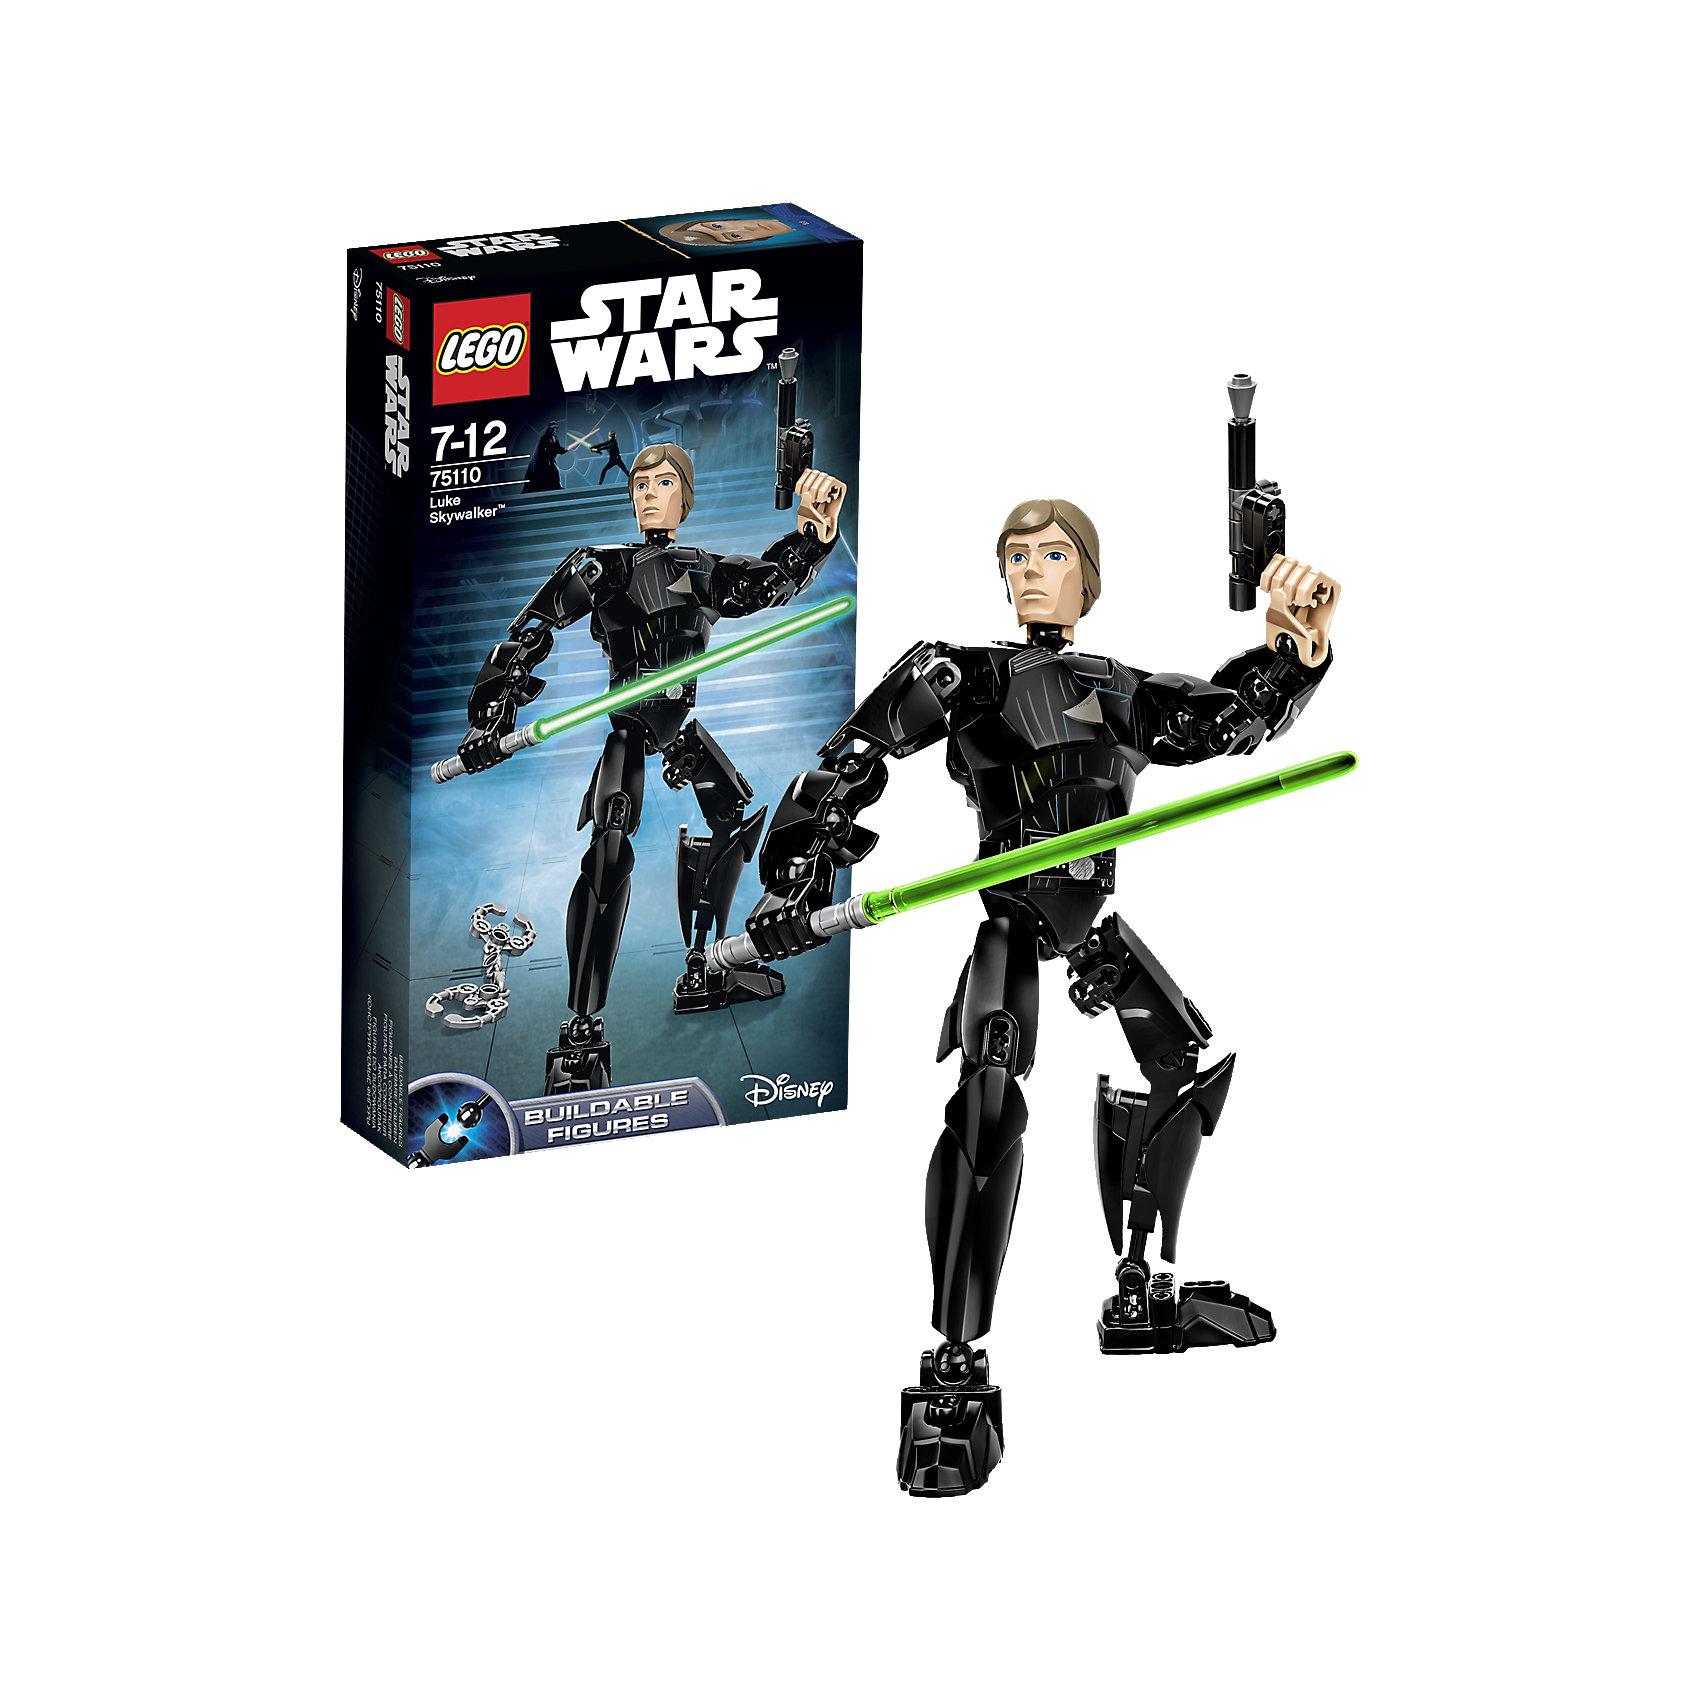 LEGO Star Wars 75110: Люк СкайуокерИгрушки<br>Конструктор LEGO Star Wars (ЛЕГО Звездные войны) 75110: Constraction 4 - это набор с помощью которого Вы с легкостью соберете подвижную фигурку Люка Скайуокера. Фигурка имеет не только игровую, но и коллекционную ценность. Люк Скайуокер один из центральных персонажей великой саги, без него невозможно представить развитие событий. Люк вырос в захолустье и даже не представлял, что он сын избранного Энакина Скайуокера, рожденный для великой миссии - привнести равновесие в Силу. Люк мастерски владеет световым мечом и бластером. Он уничтожил Звезду Смерти и стал прославленным героем Восстания. Собери все фигурки и разыграй знаменитые сцены из саги или почувствуй себя сценаристом и создай собственную историю знаменитого эпизода! Подключайте фантазию и Вам никогда не будет скучно в компании LEGO (ЛЕГО)! <br><br>LEGO Star Wars (ЛЕГО Звездные войны) – это тематическая серия детских развивающих конструкторов по мотивам приключенческого мультфильма 2014 года «Звездные войны: Повстанцы». Ребенок сможет часами играть с конструктором, придумывая различные ситуации и истории из любимого мультфильма. В процессе игры с конструктором дети приобретают и постигают такие необходимые навыки как познание, творчество, воображение. Большое количество дополнительных элементов делает игровые сюжеты по-настоящему захватывающими и реалистичными. Все наборы ЛЕГО Звездные Войны соответствуют самым высоким европейским стандартам качества и абсолютно безопасны.<br><br>Дополнительная информация:<br><br>- Игра с конструктором  LEGO (ЛЕГО) развивает мелкую моторику ребенка, фантазию и воображение, учит его усидчивости и внимательности;<br>- Подвижная фигурка с оружием;<br>- Серия: LEGO Star Wars (ЛЕГО Звездные войны);<br>- Материал: высококачественный пластик.<br><br>Конструктор LEGO Star Wars (ЛЕГО Звездные войны) 75110: Constraction 4 можно купить в нашем интернет-магазине.<br><br>Ширина мм: 262<br>Глубина мм: 141<br>Высота мм: 54<br>Вес г: 212<br>Возрас